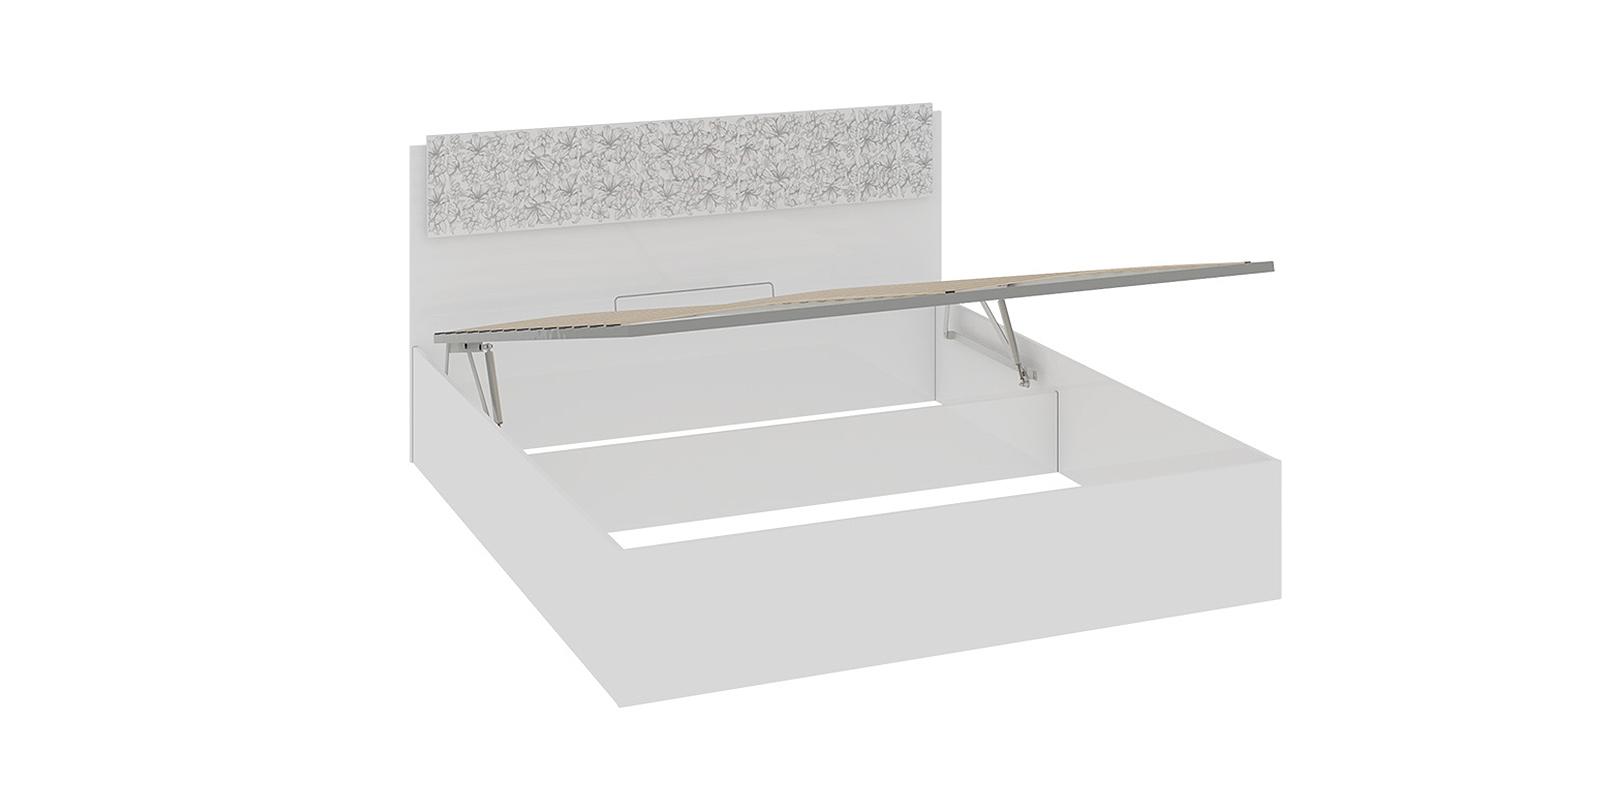 Кровать каркасная 200х160 Давос с подъемным механизмом (Белый)